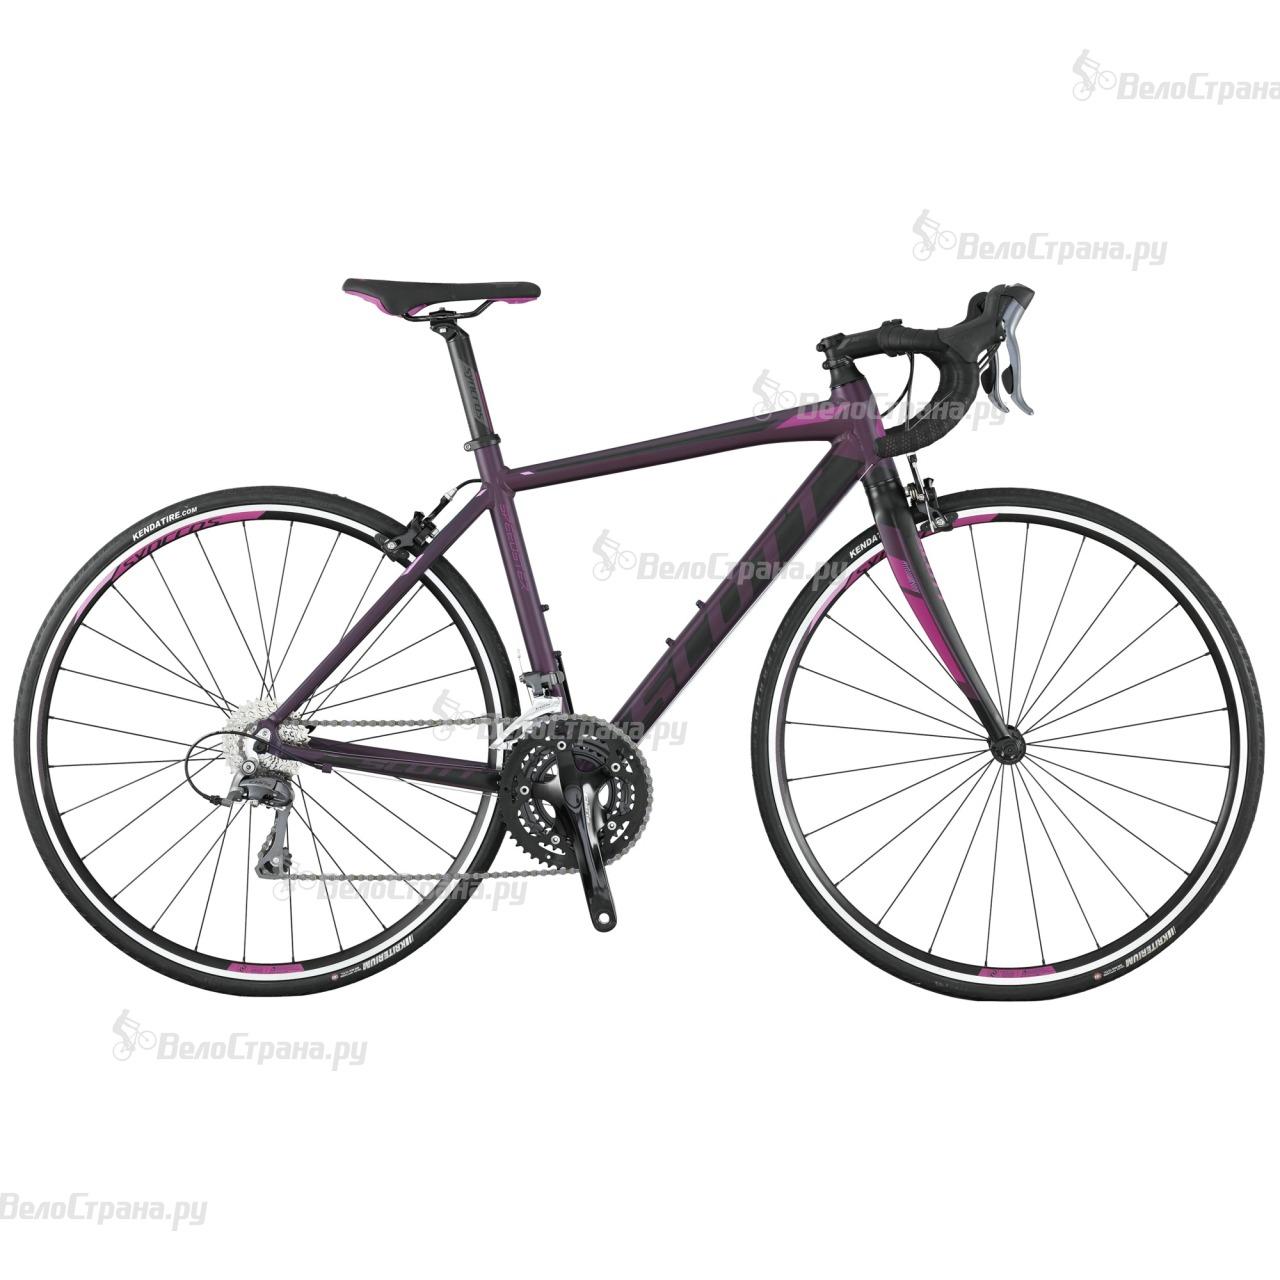 Велосипед Scott Contessa Speedster 45 (2017) велосипед scott contessa speedster 15 2015